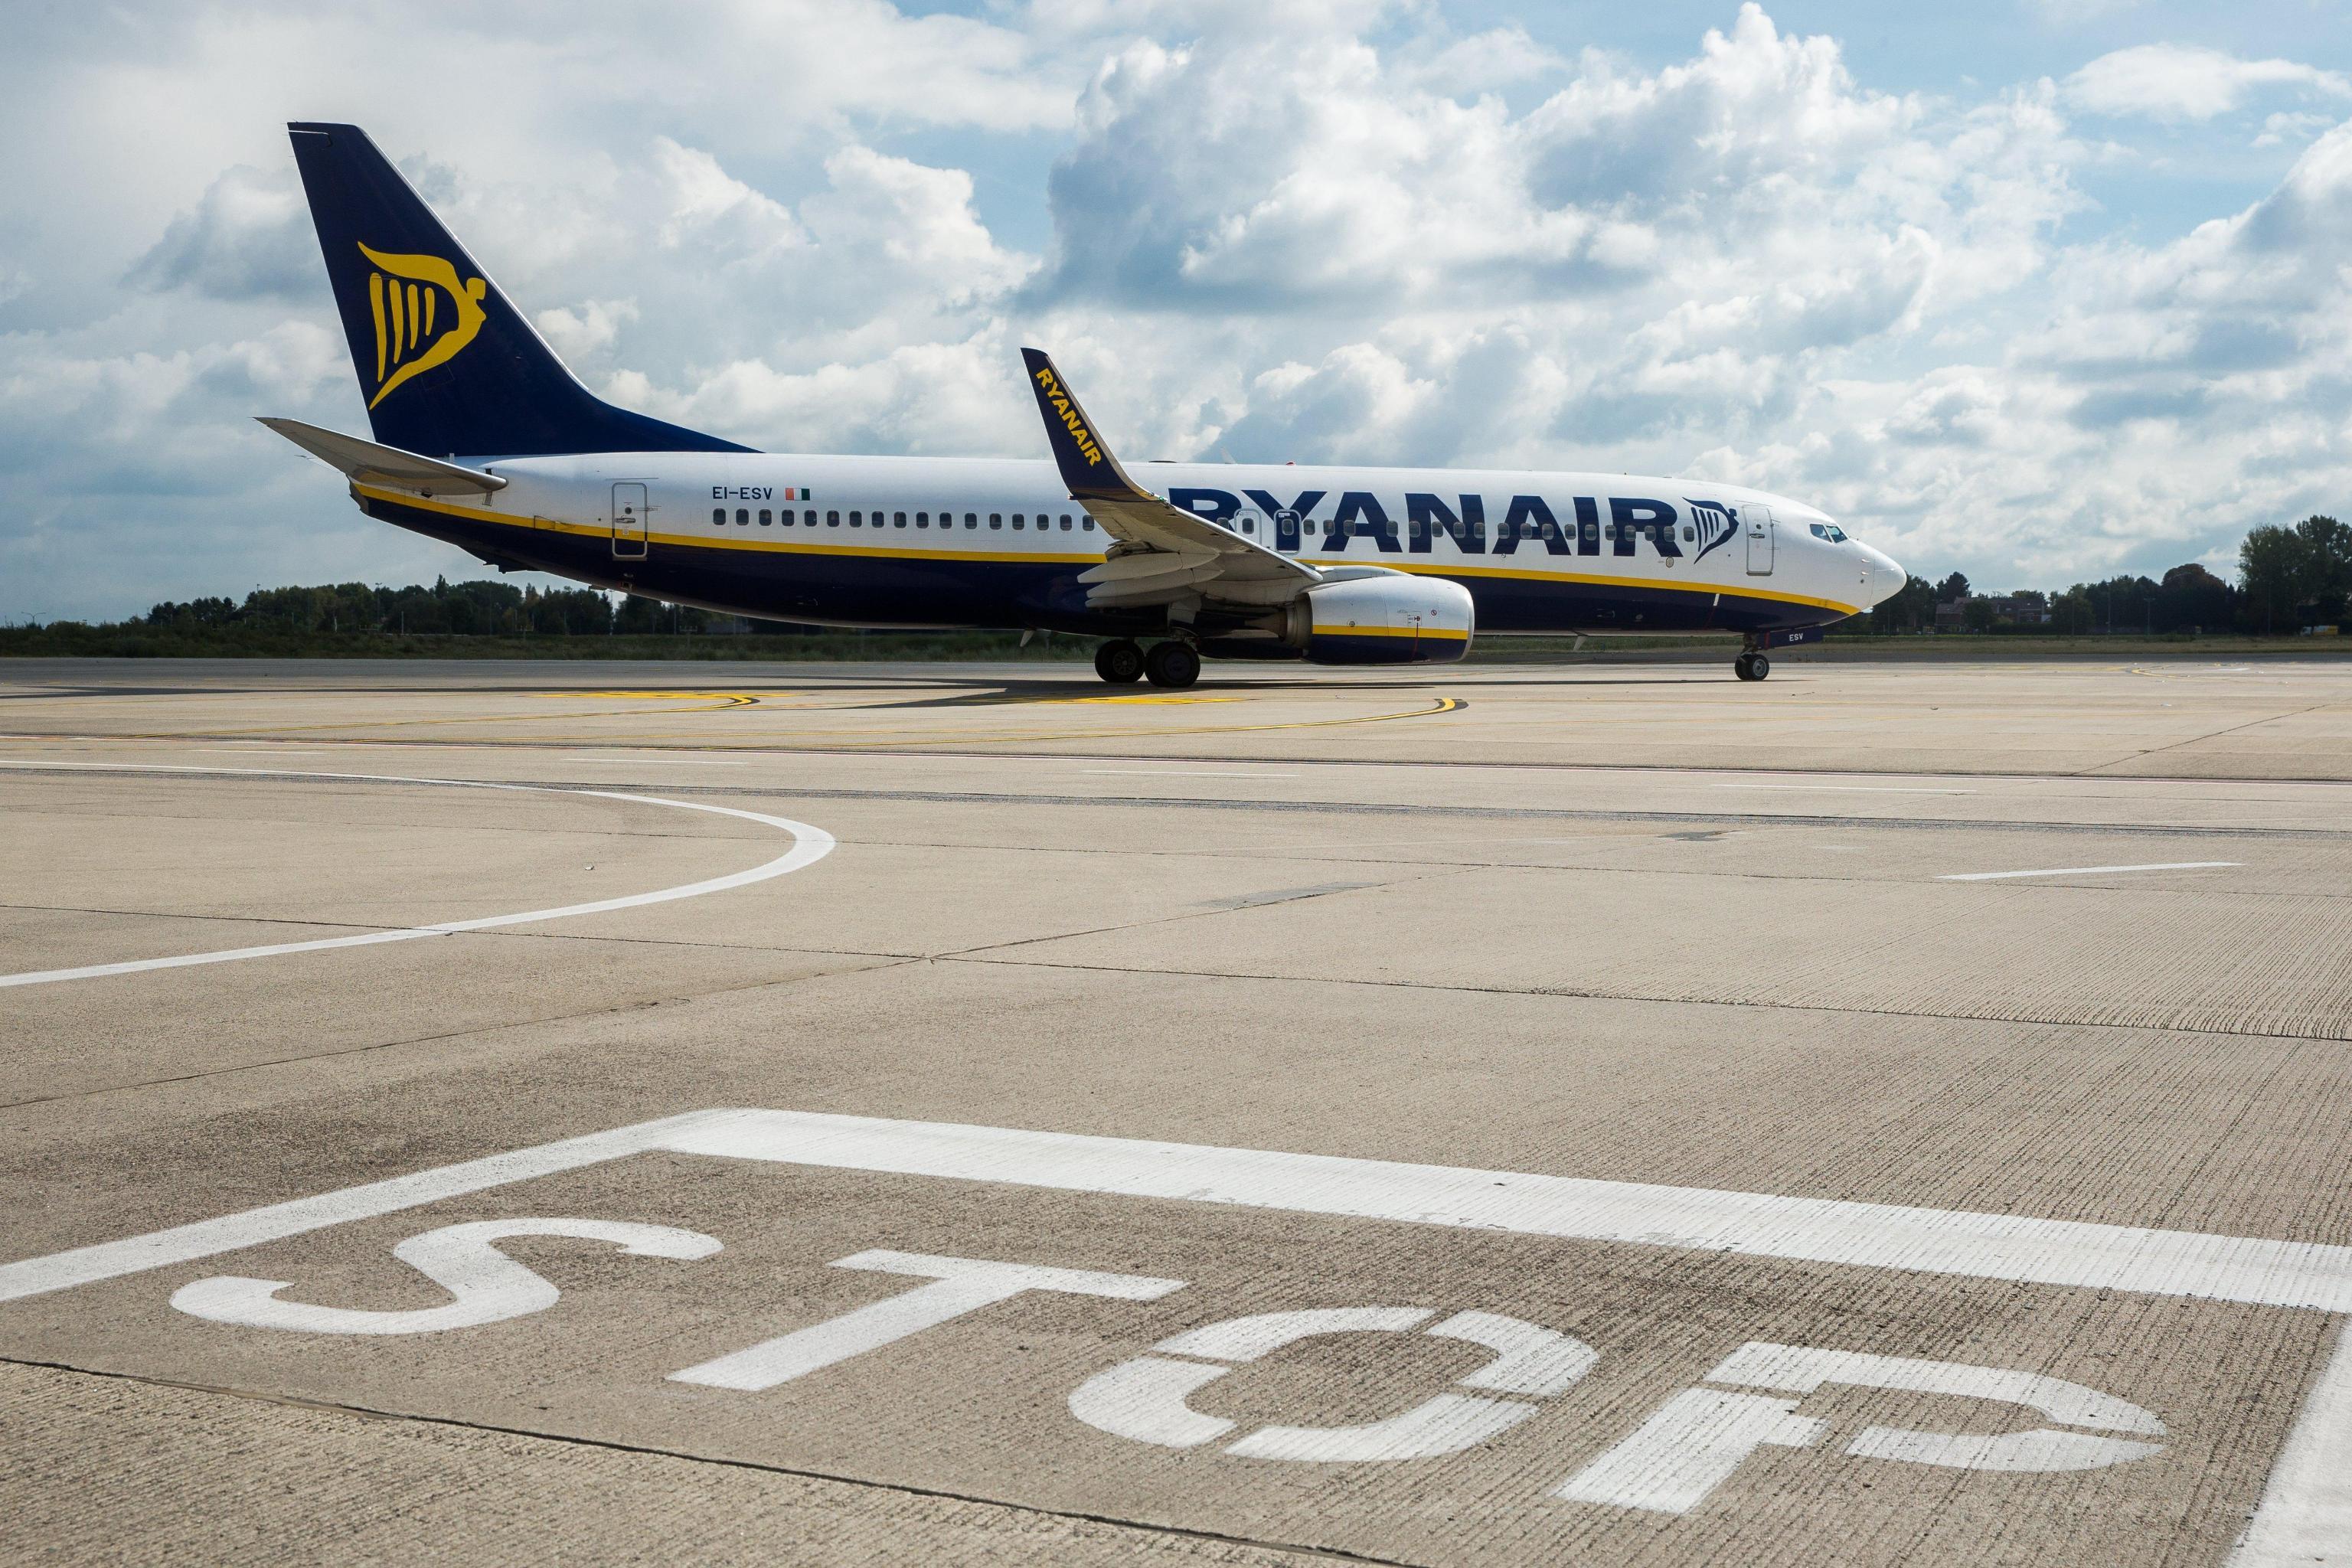 Garante,parole Ryanair fuori da principi